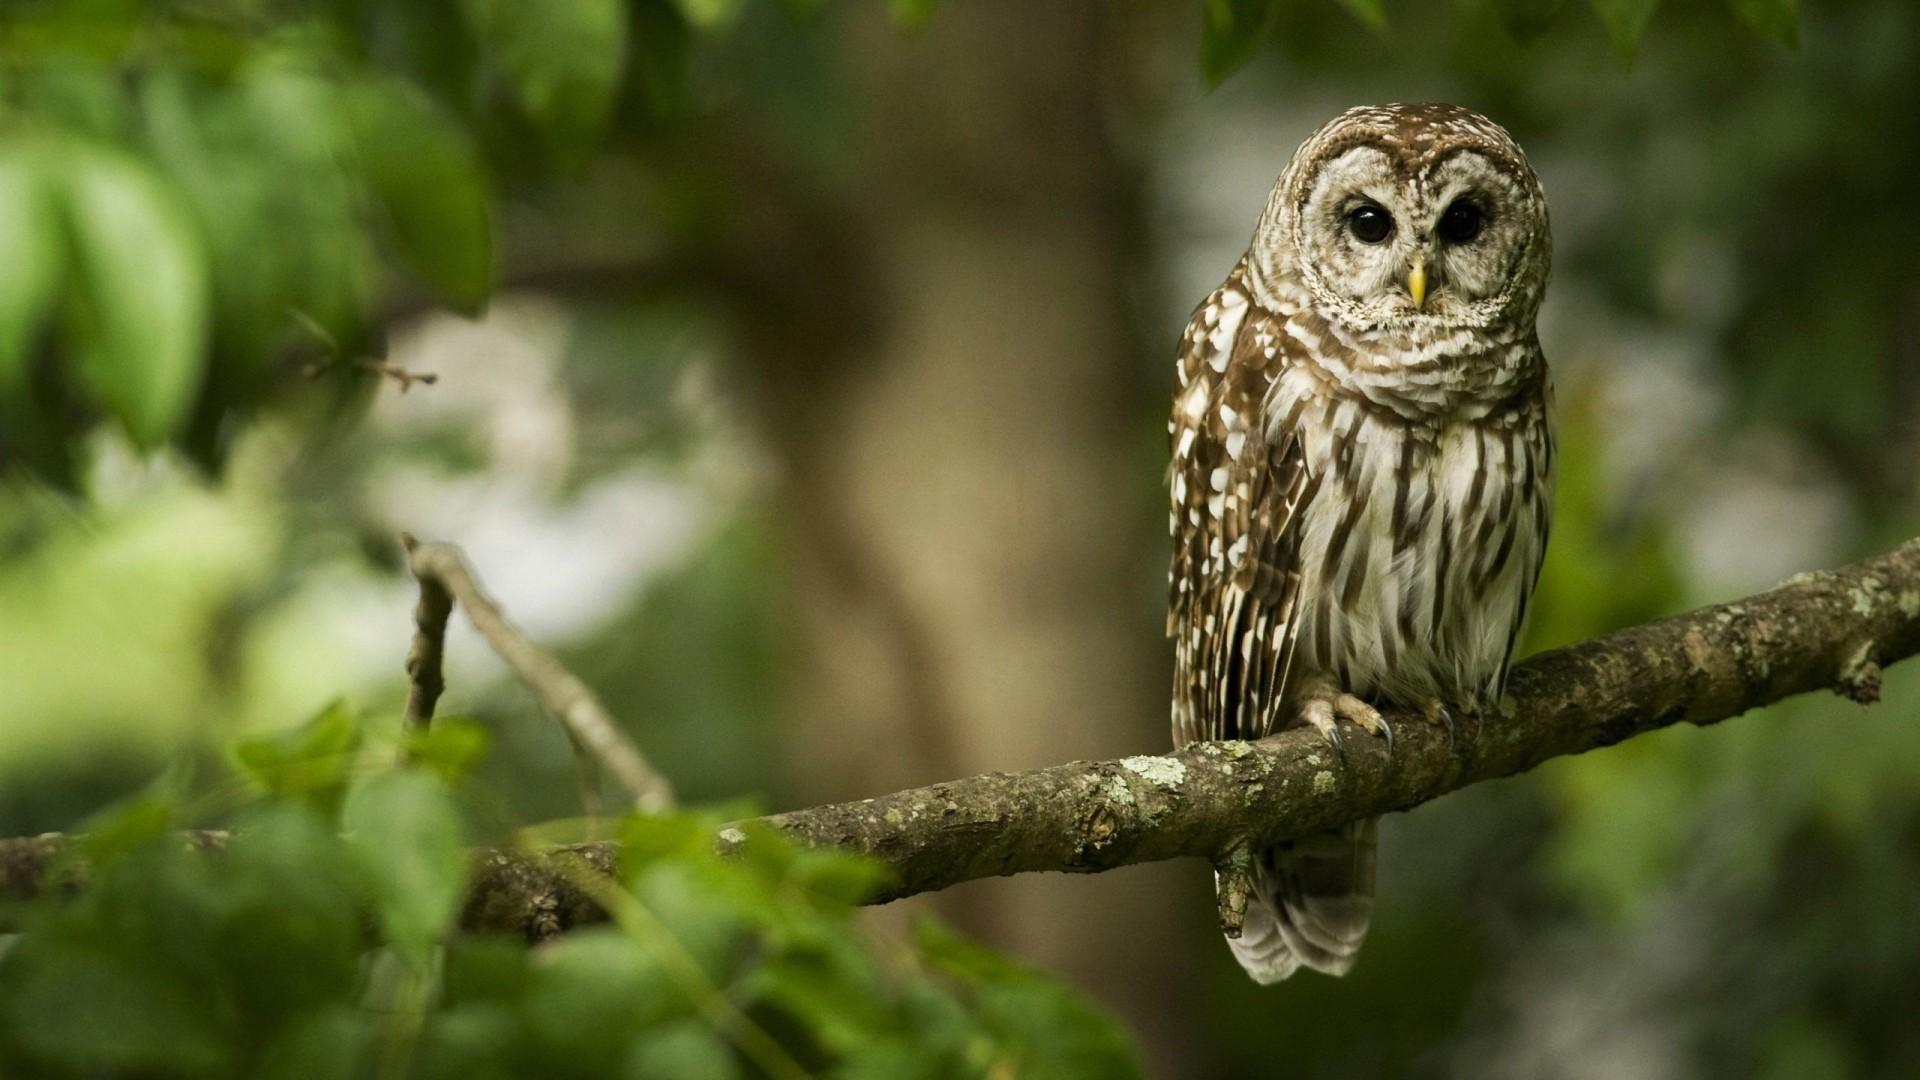 Barn Owl Bird Wallpaper